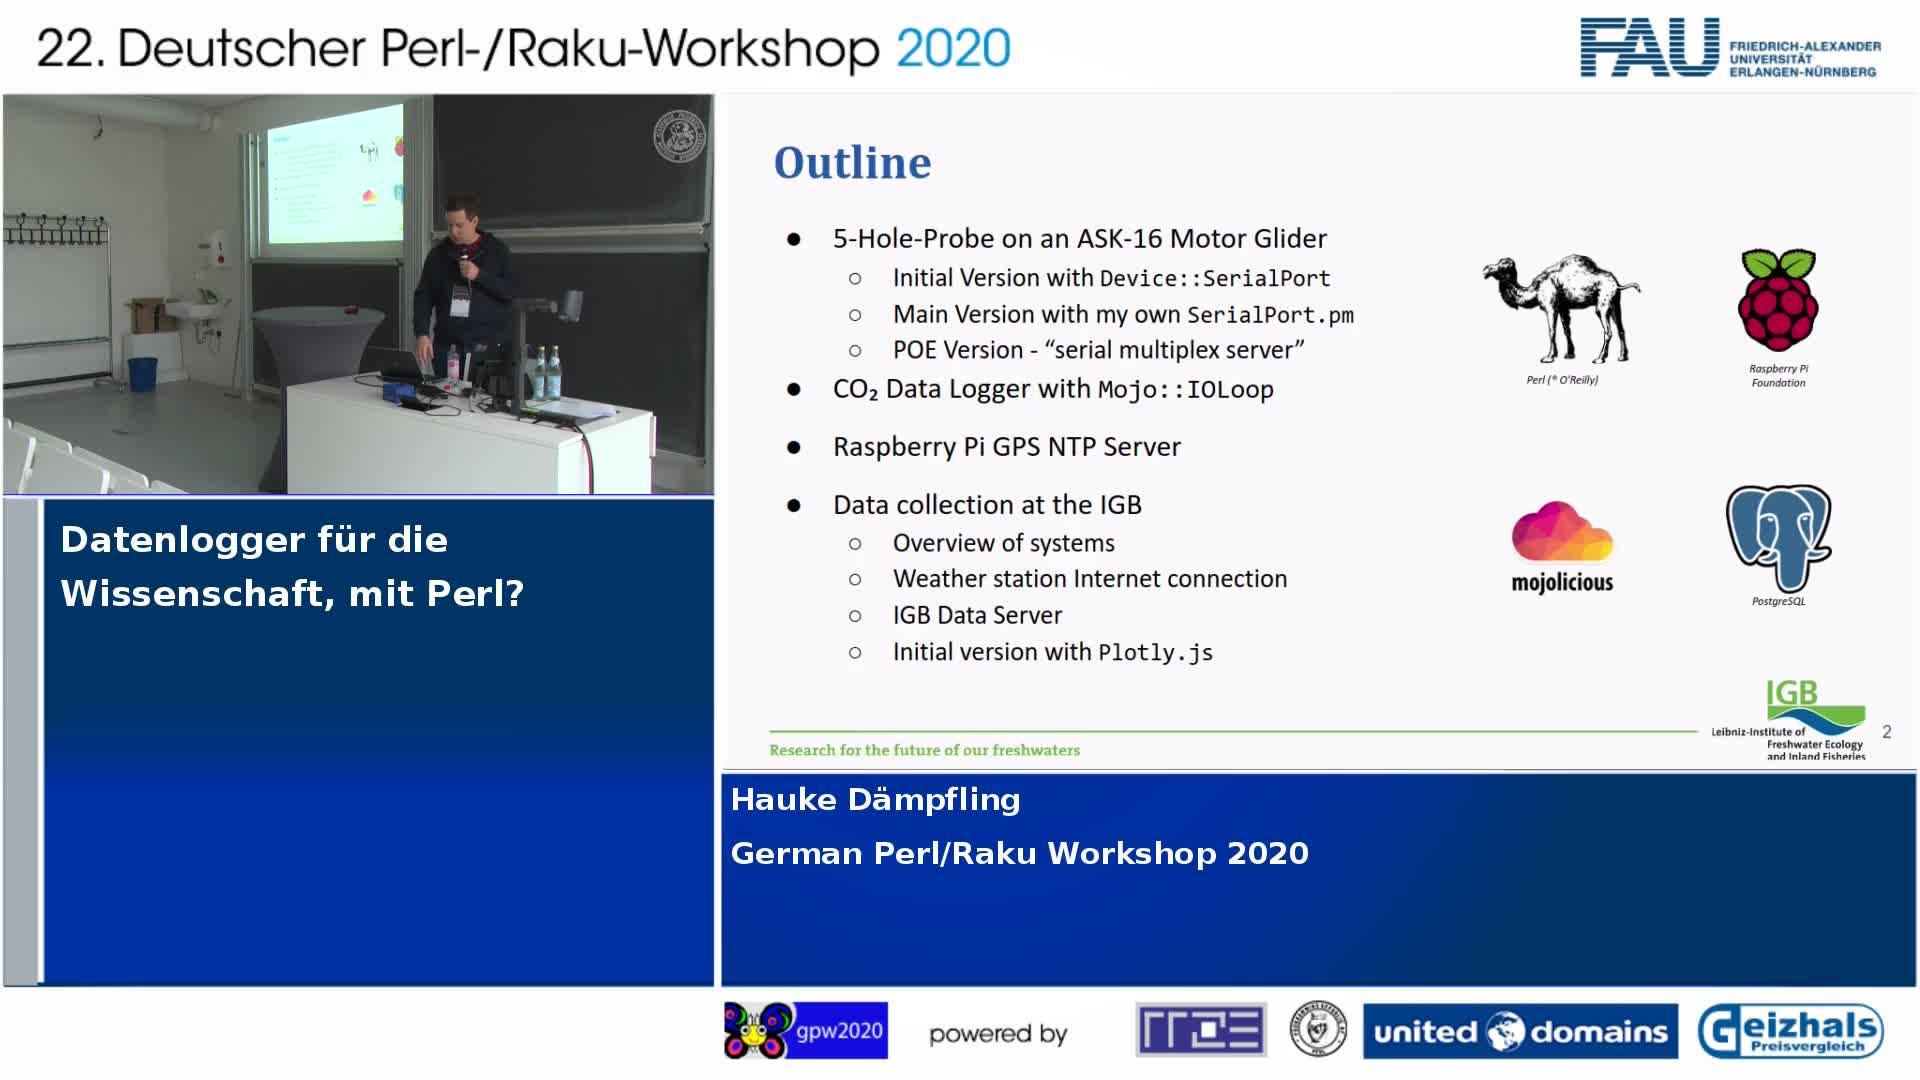 Datenlogger für die Wissenschaft, mit Perl preview image